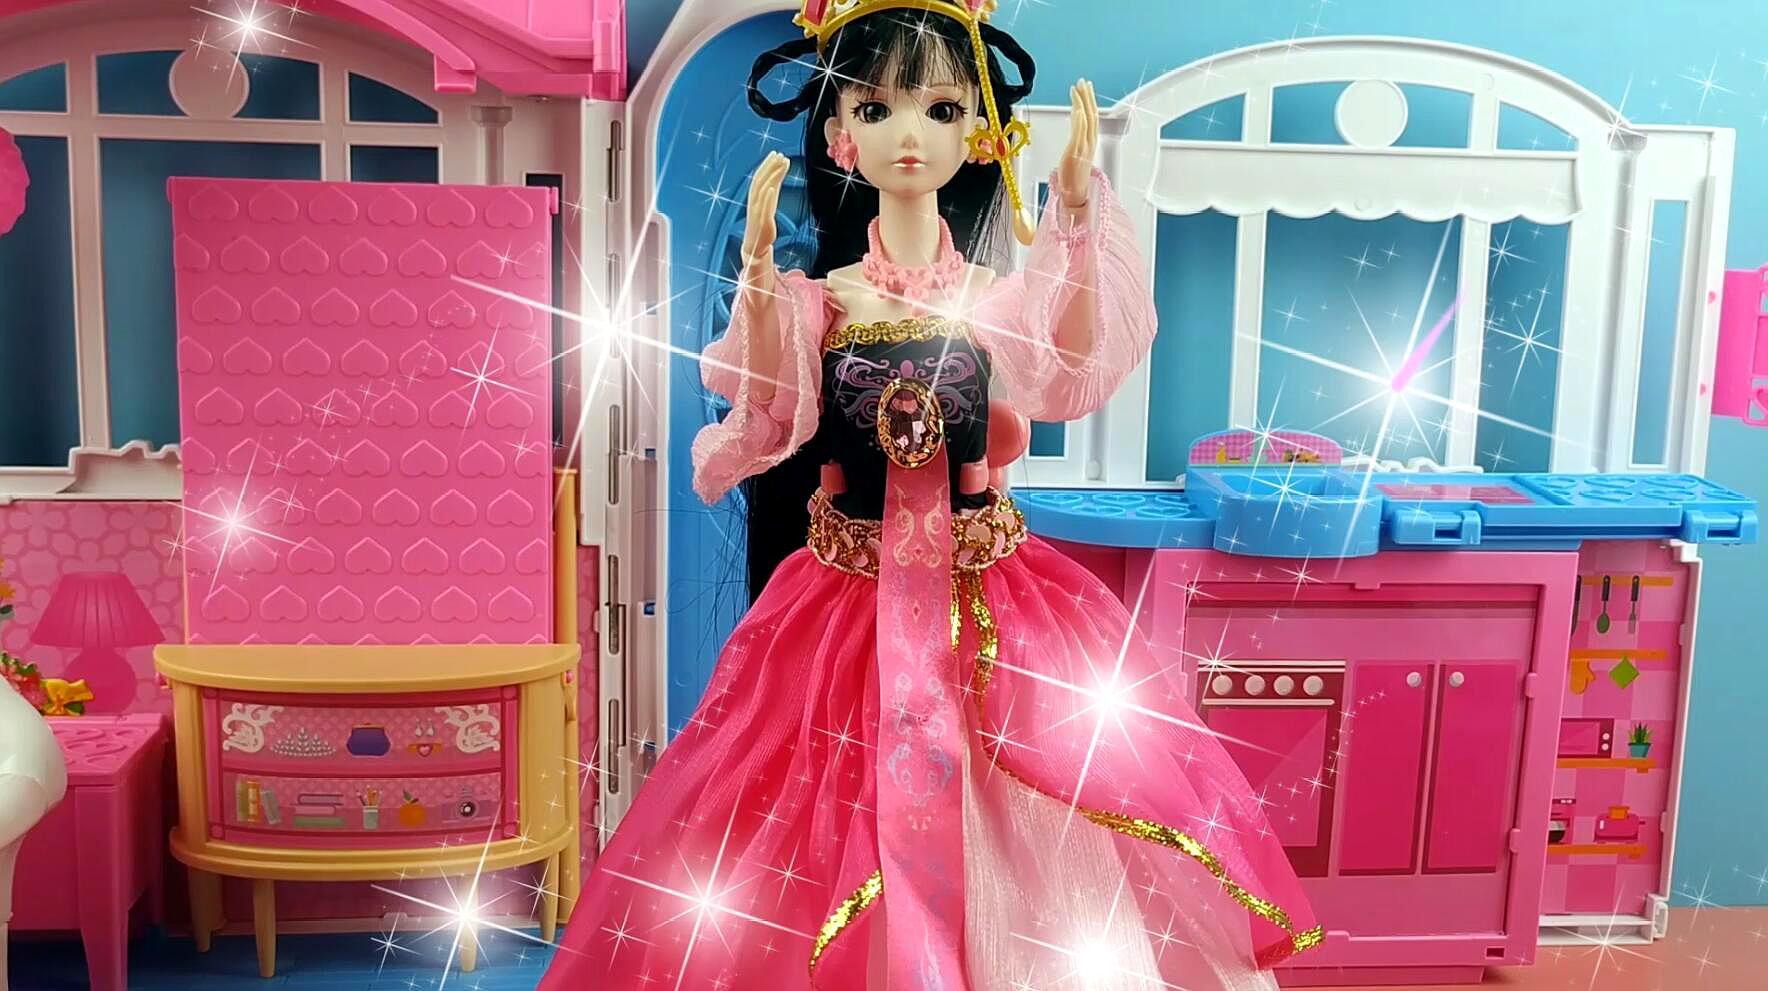 叶罗丽公主日记:叶罗丽娃娃帮助主人整理房间,王默好幸福!图片